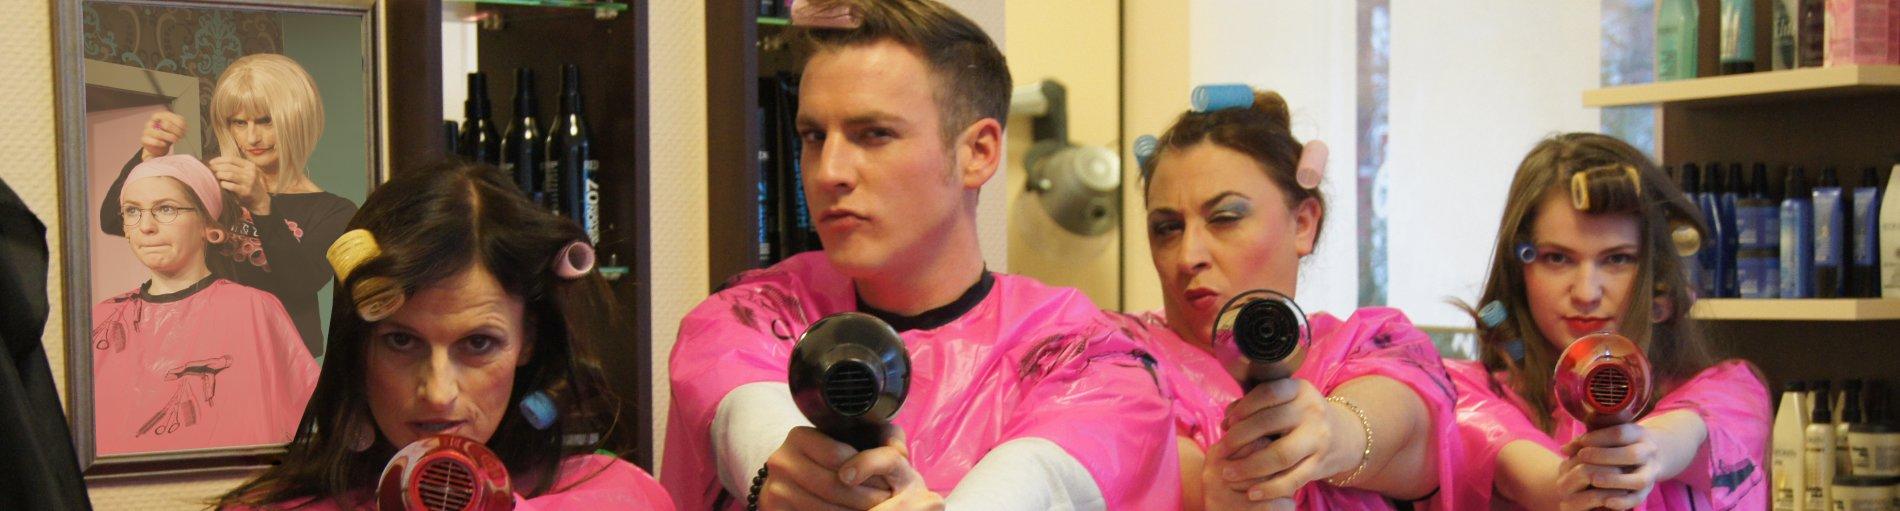 Zu sehen ist ein Szenario im Frisörsalon mit Personen in rosafarbenen Umhängen und einem Föhn in der Hand.